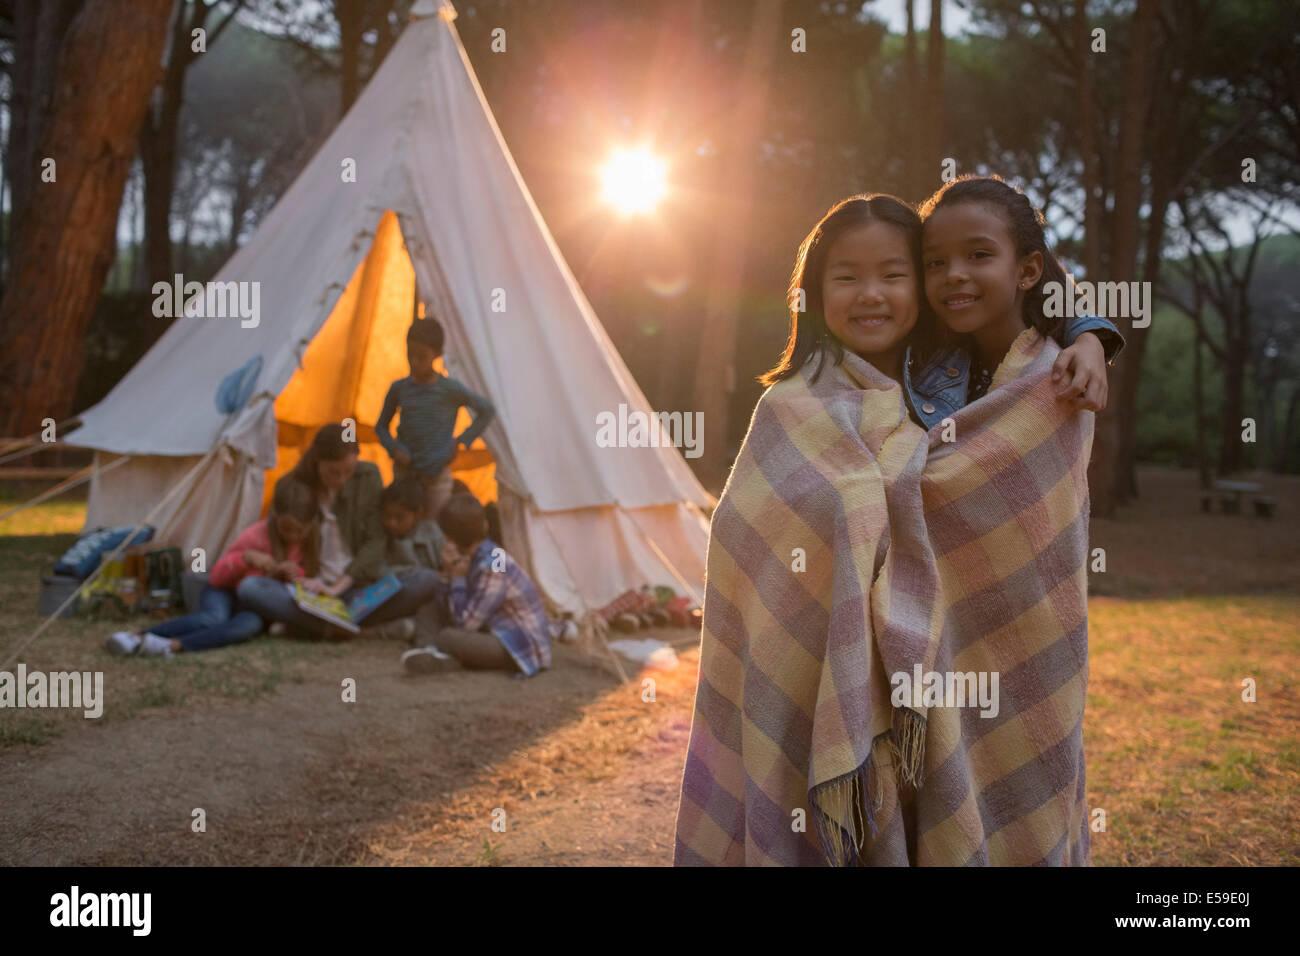 Ragazze avvolto in una coperta in campeggio Immagini Stock